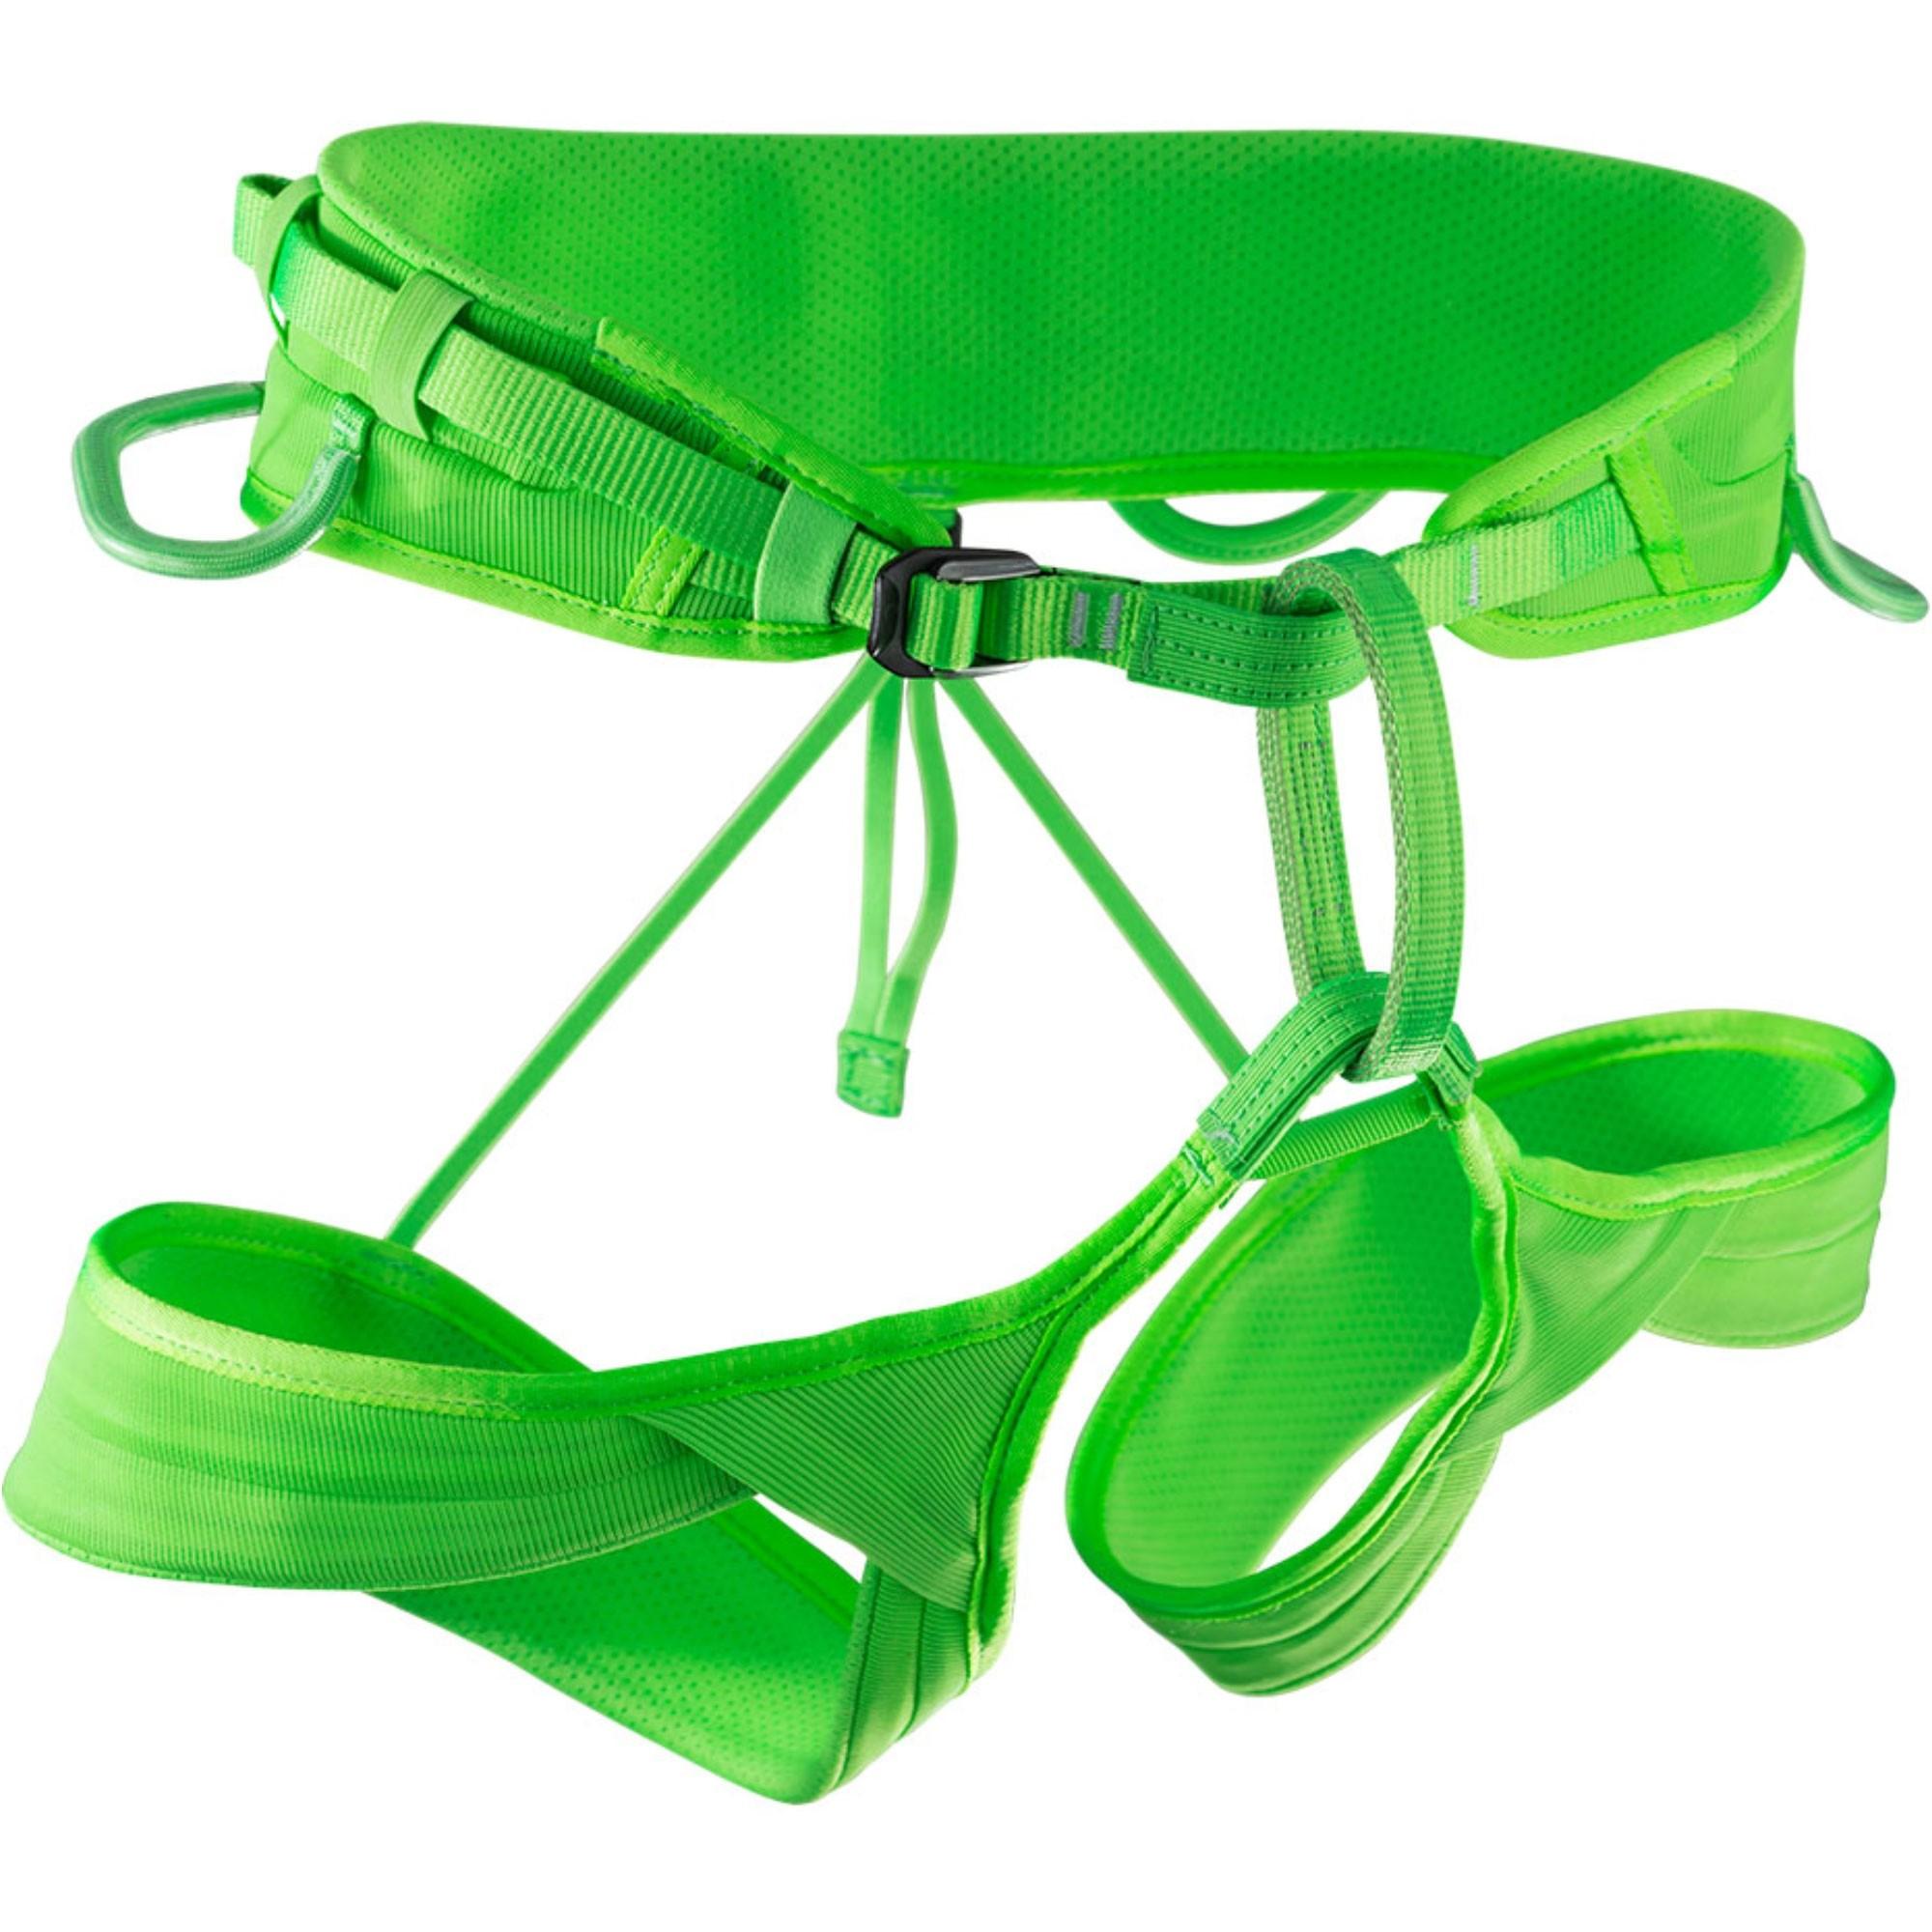 Edelrid Ace Ambassador Climbing Harness - Neon Green